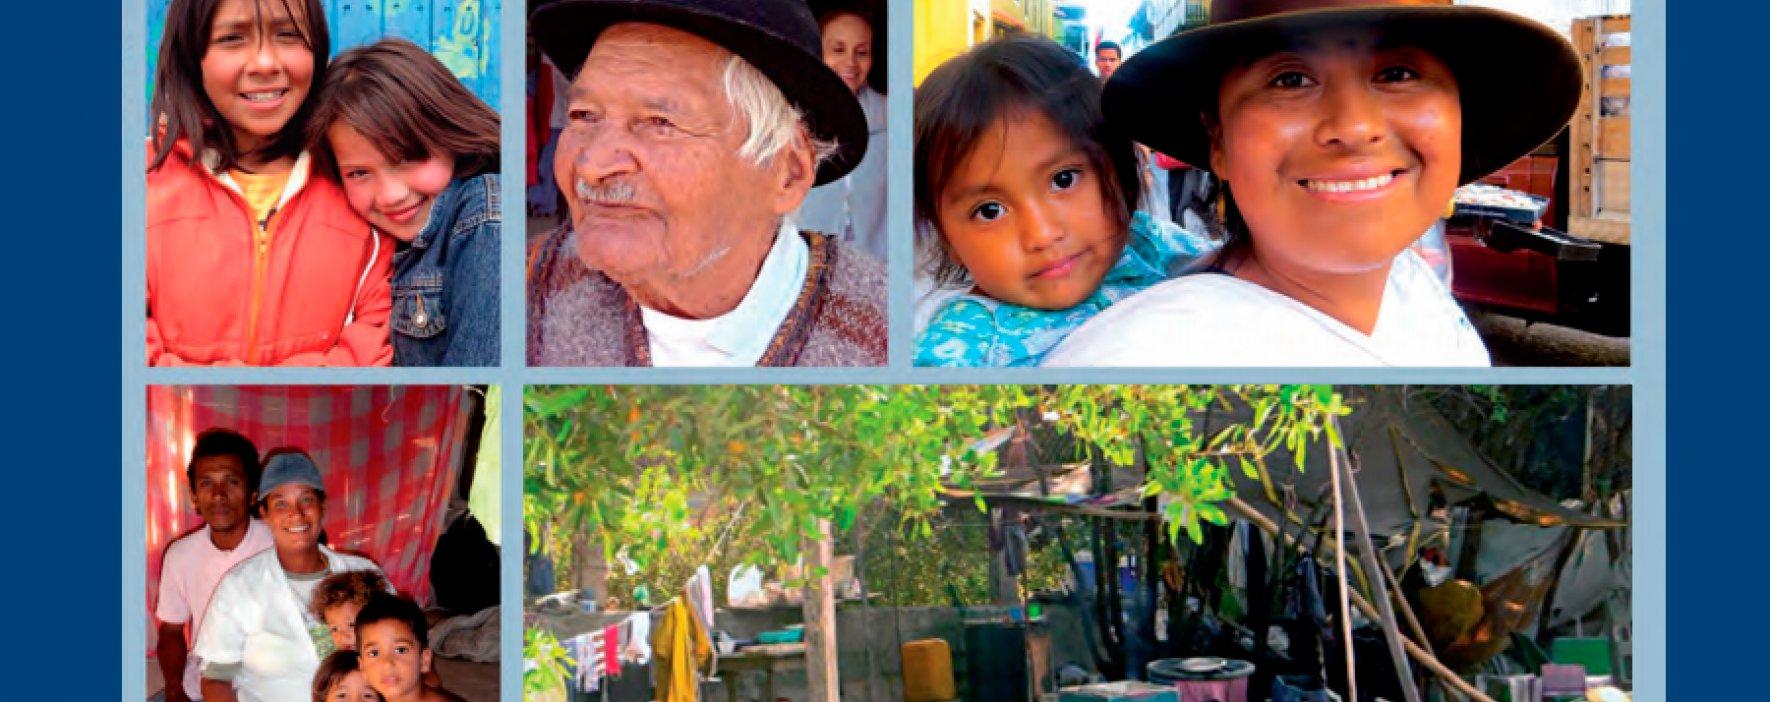 Bienal de Colsubsidio premiará proyectos de inclusión social